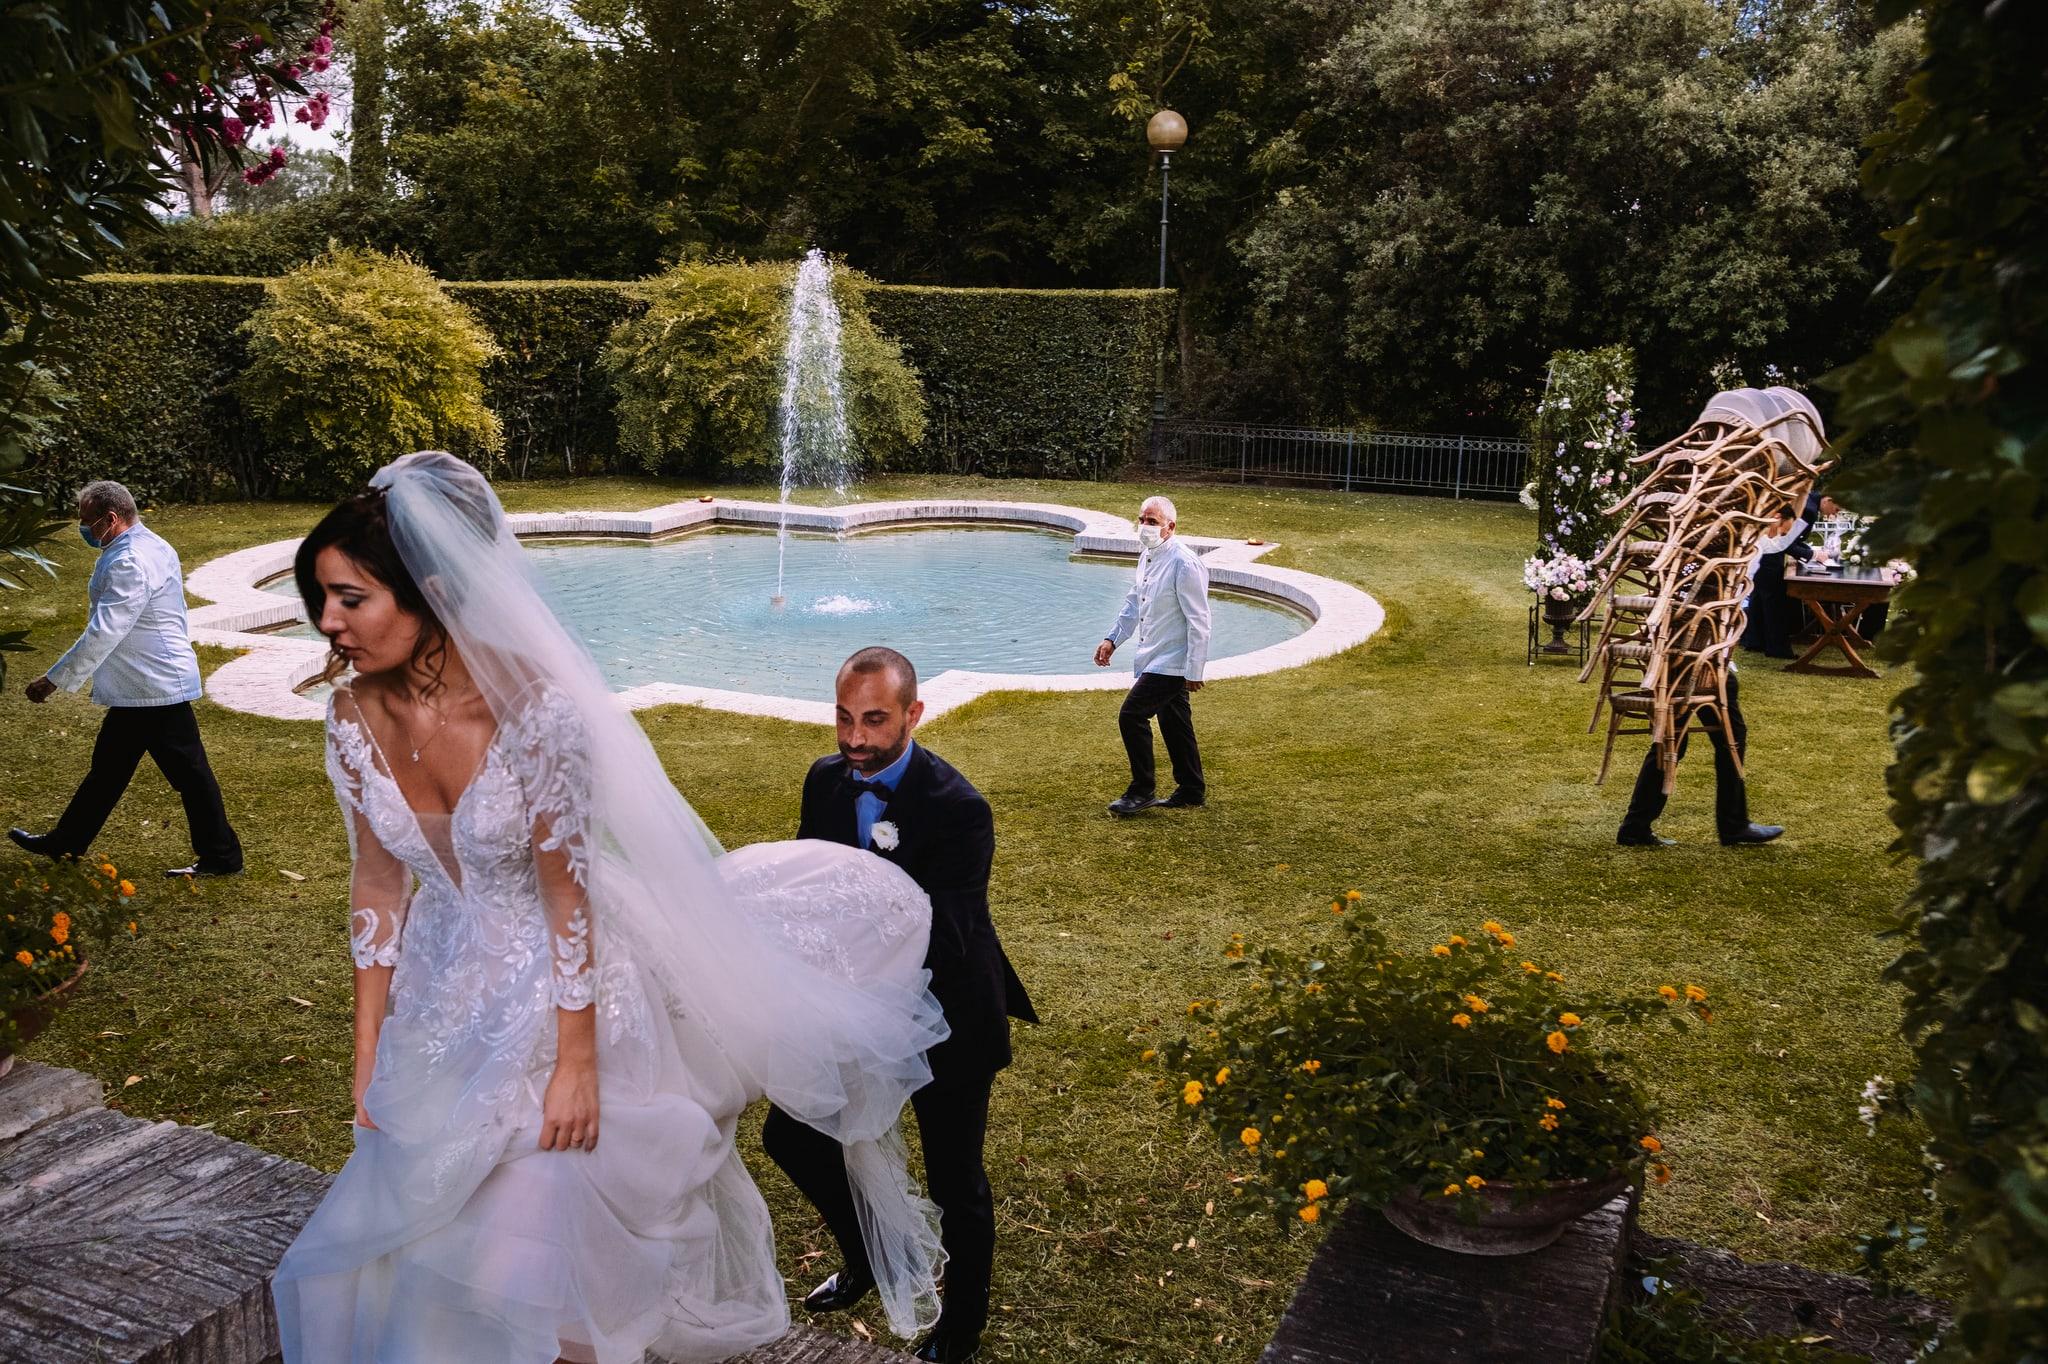 sposi-si-allontanano-dopo-cerimonia-di-matrimonio-sul-prato-di-villa-dei-quintili-a-roma-sulla-appia-antica-mentre-camerieri-tolgono-le-sedie-e-preparano-aperitivo